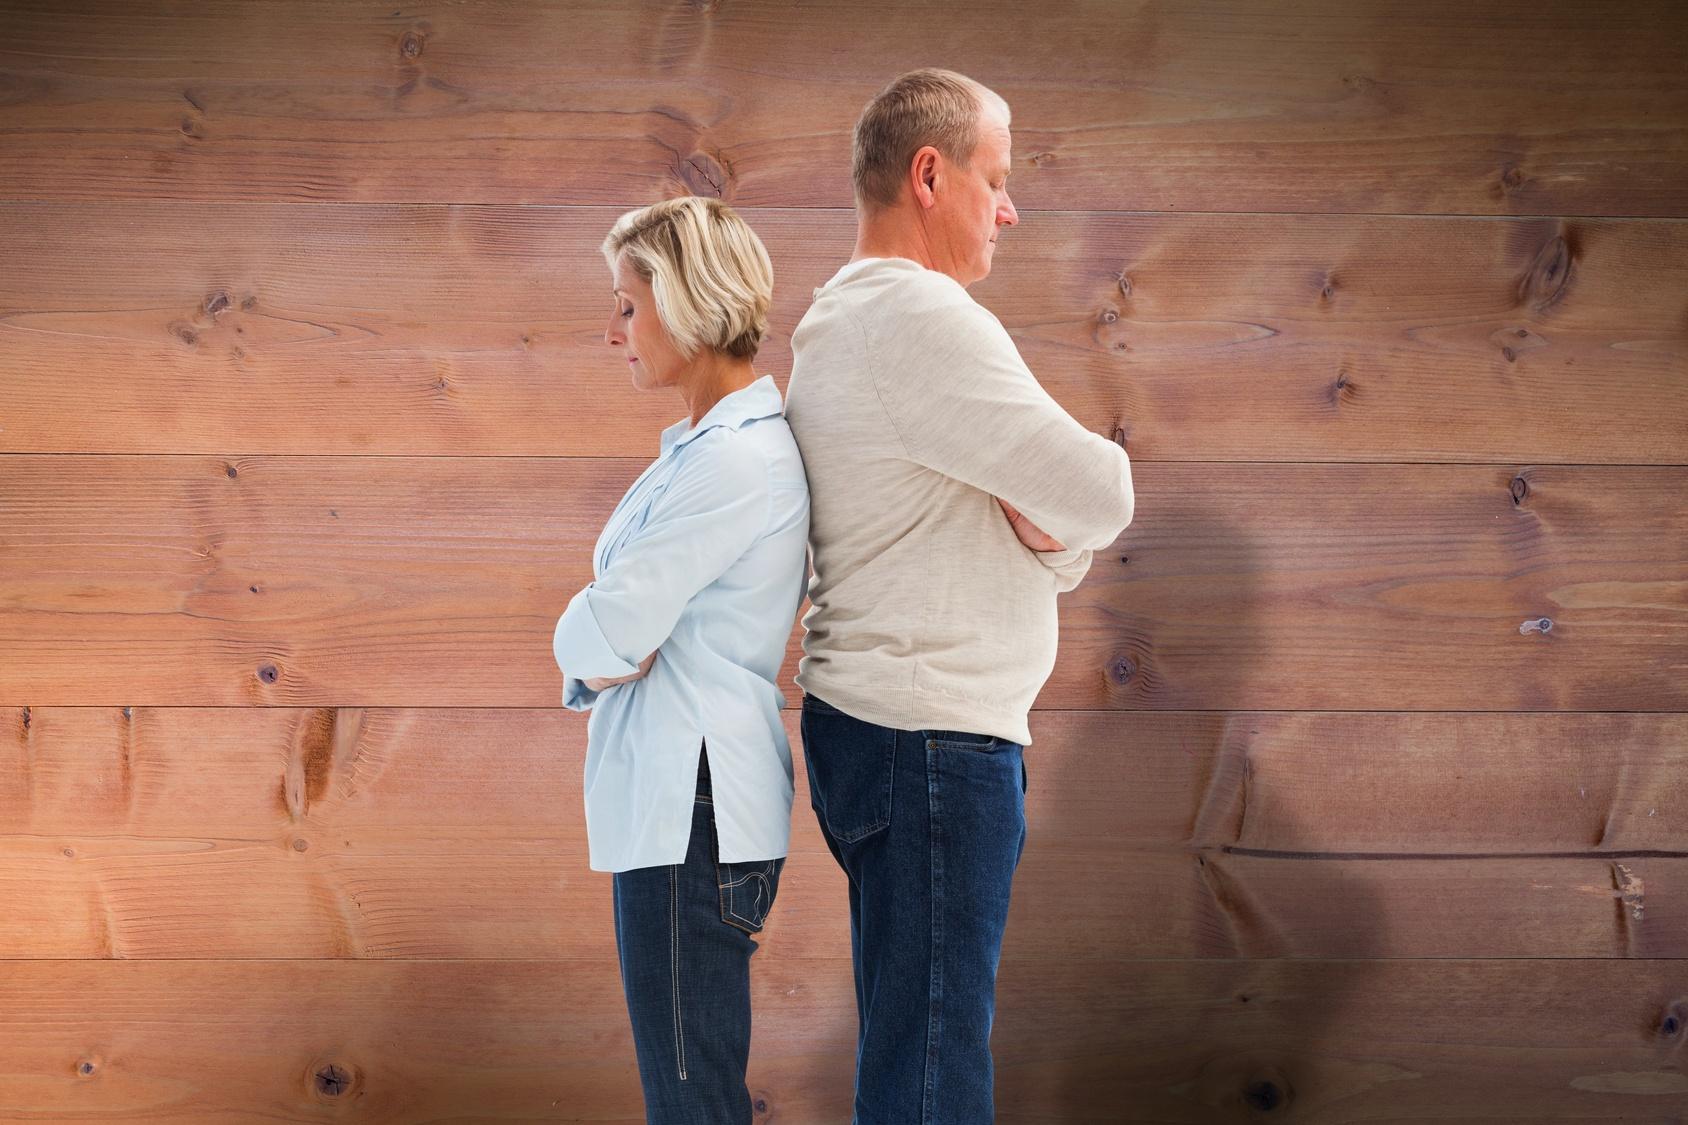 【離婚しないために】夫婦がすれ違っていく3つのステップ